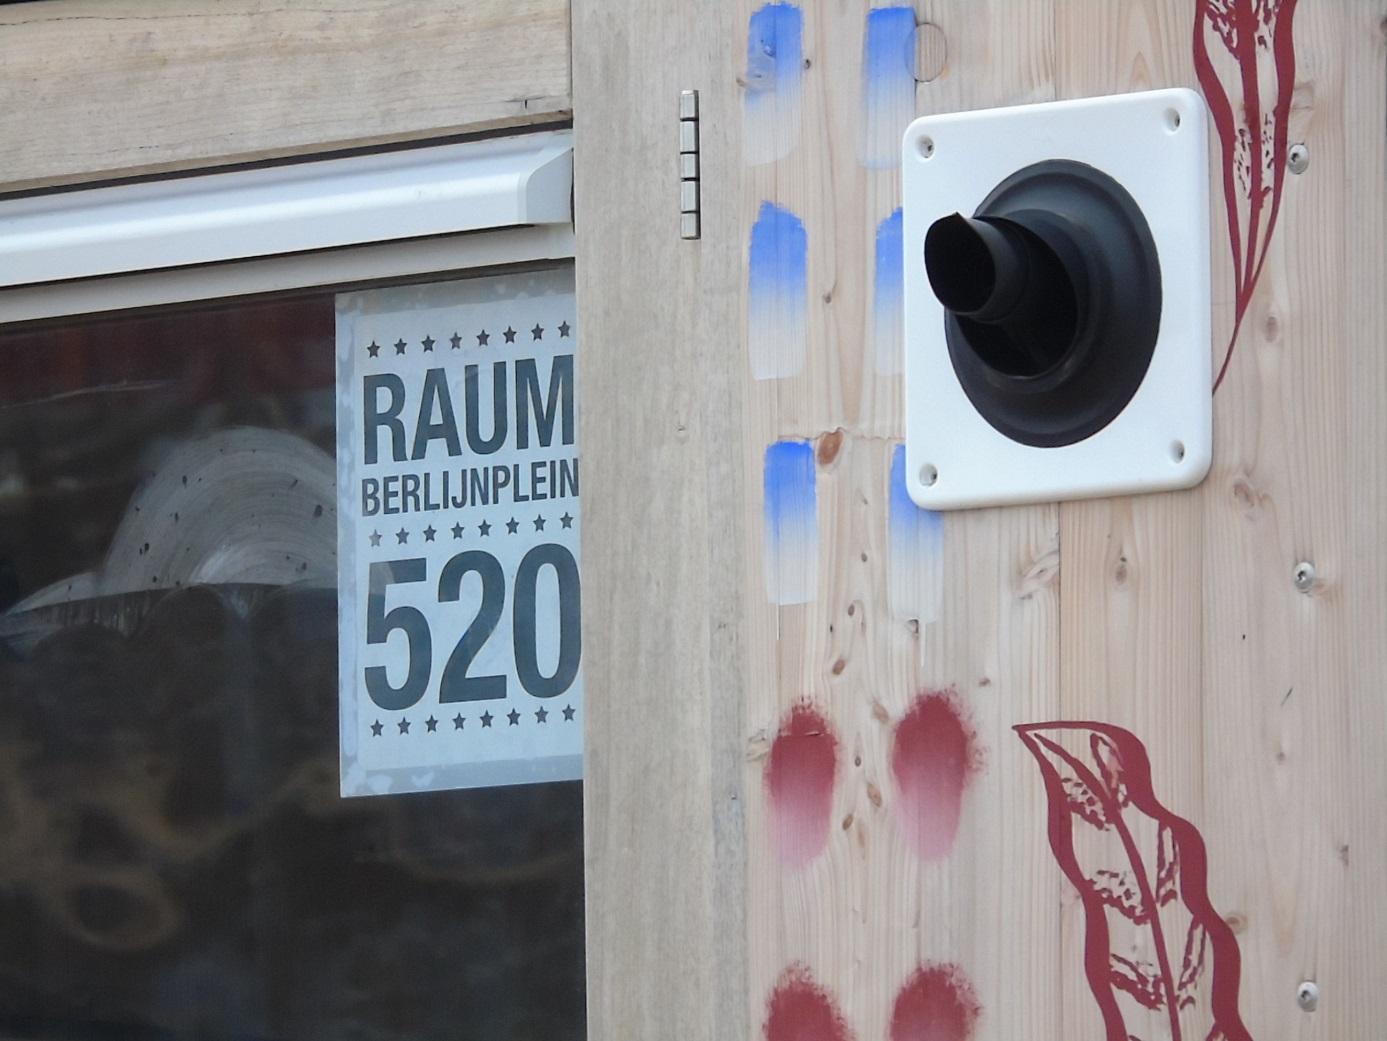 bordje Camping RAUM is Berlijnplein 520